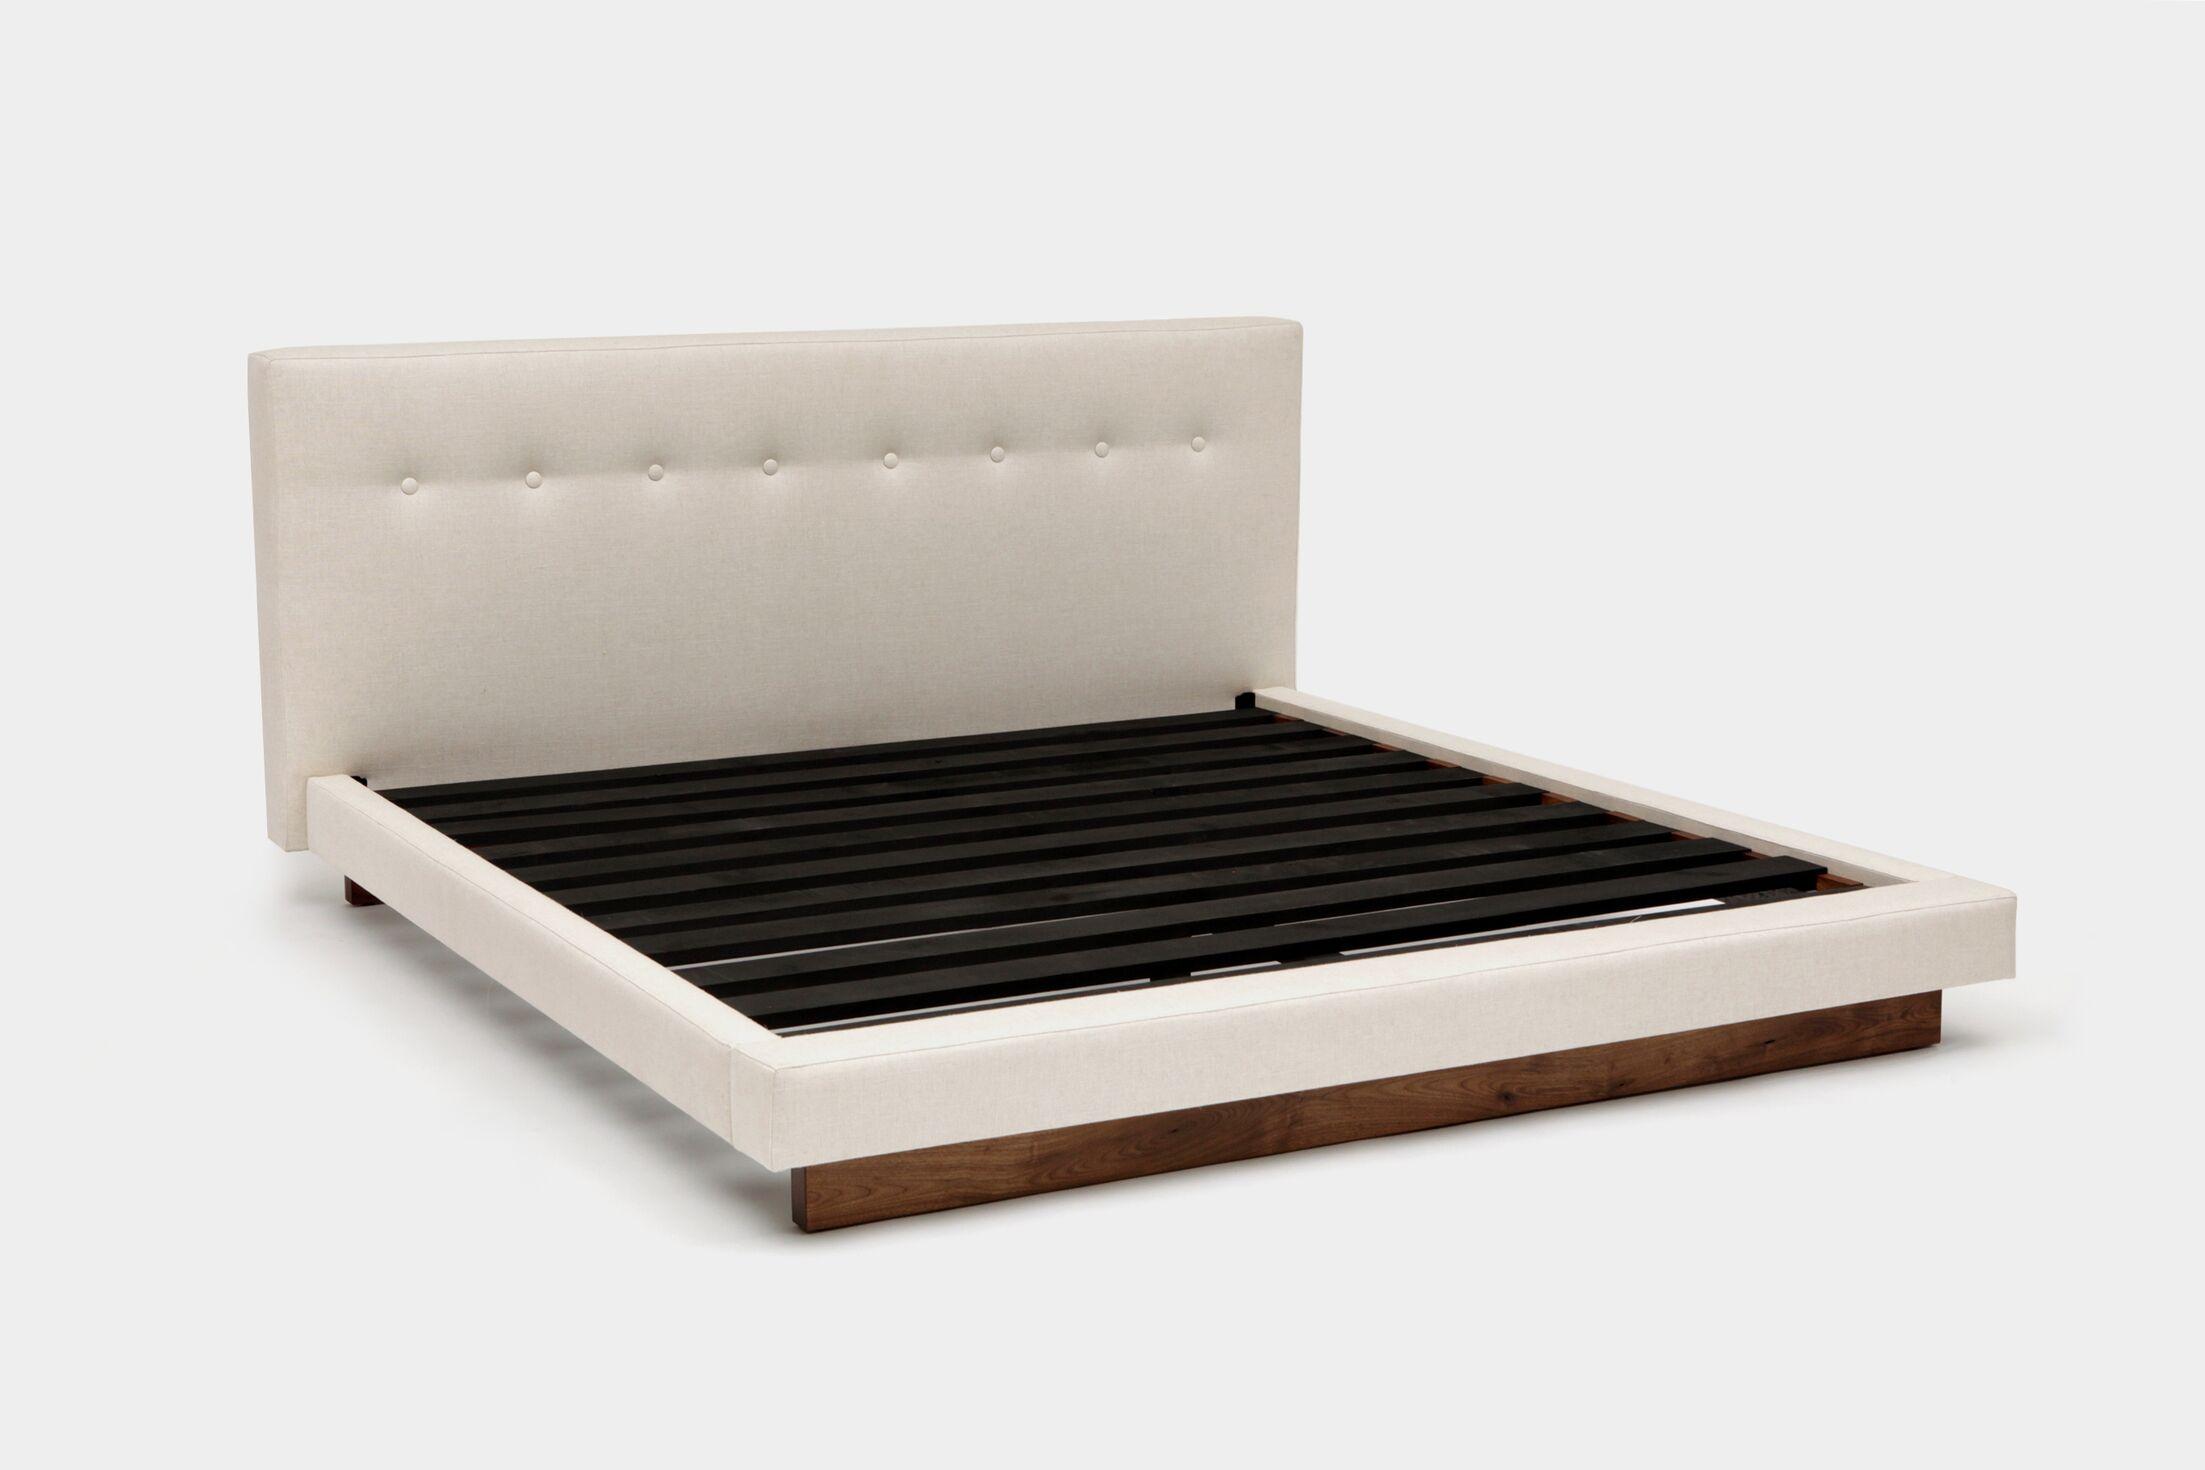 LRG Upholstered Platform Bed Size: Queen, Color: Creme Linen Blends